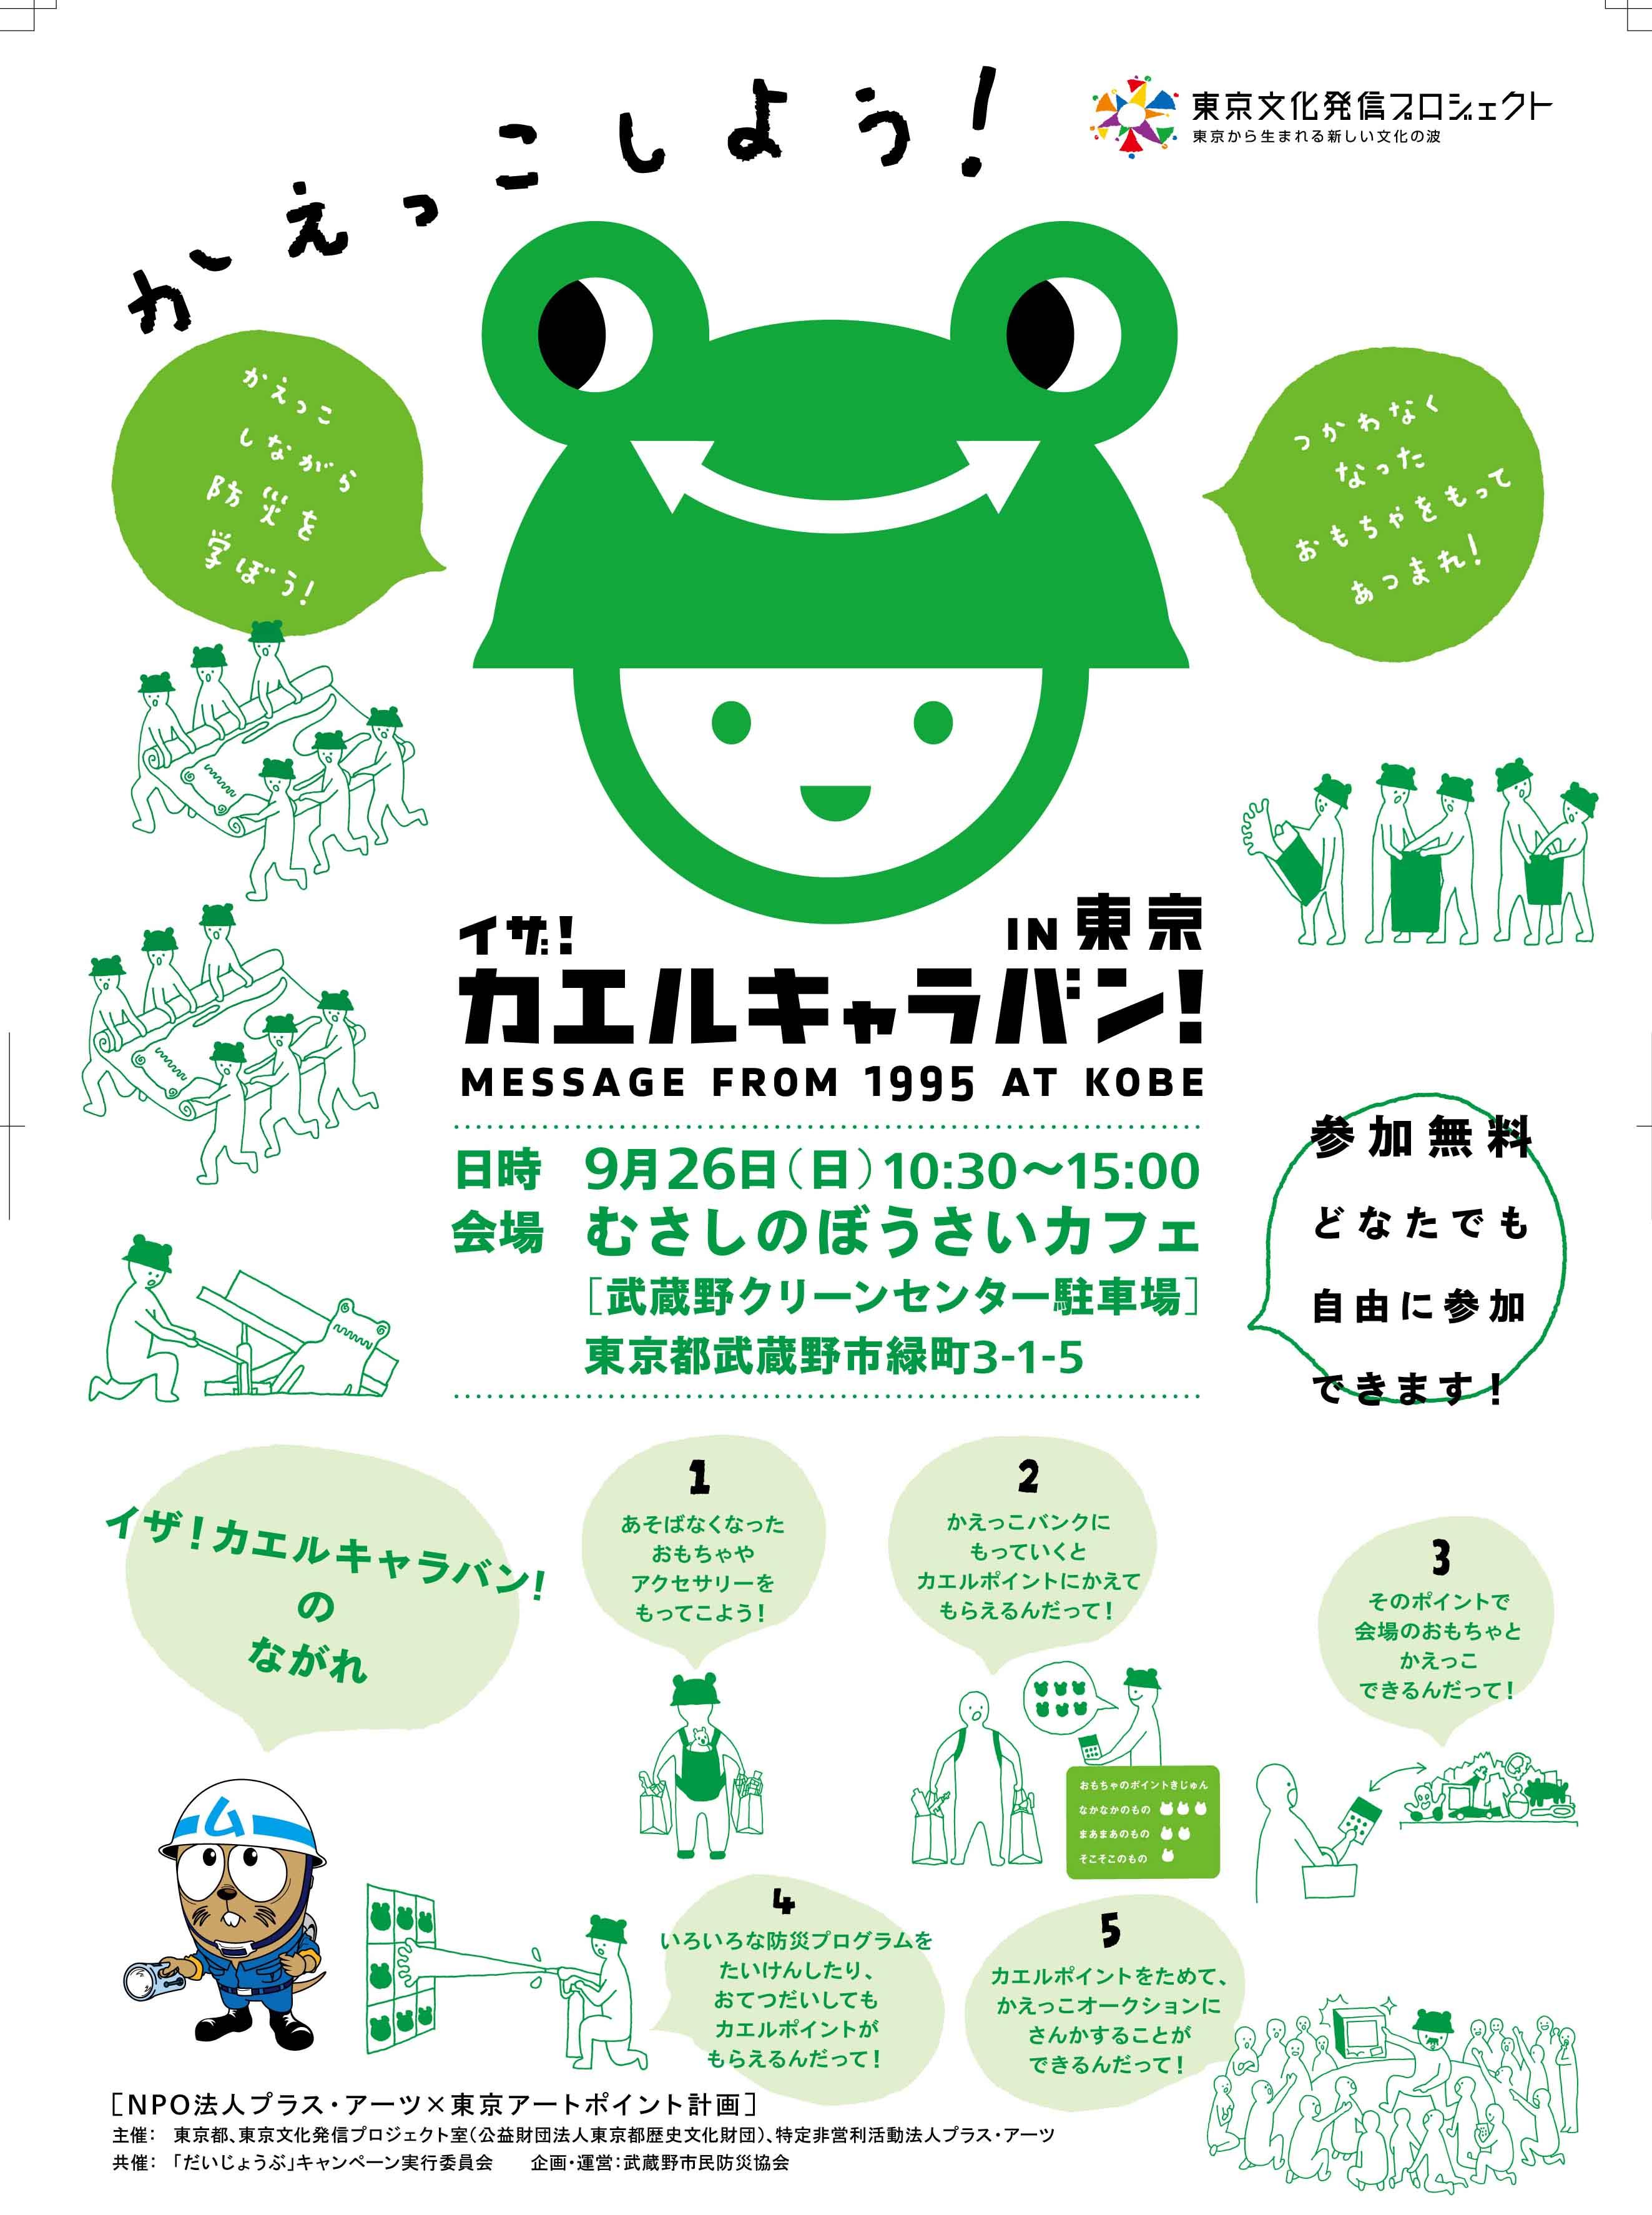 イザ!カエルキャラバン!in東京vol.2-むさしのぼうさいカフェ_c0036272_2045299.jpg